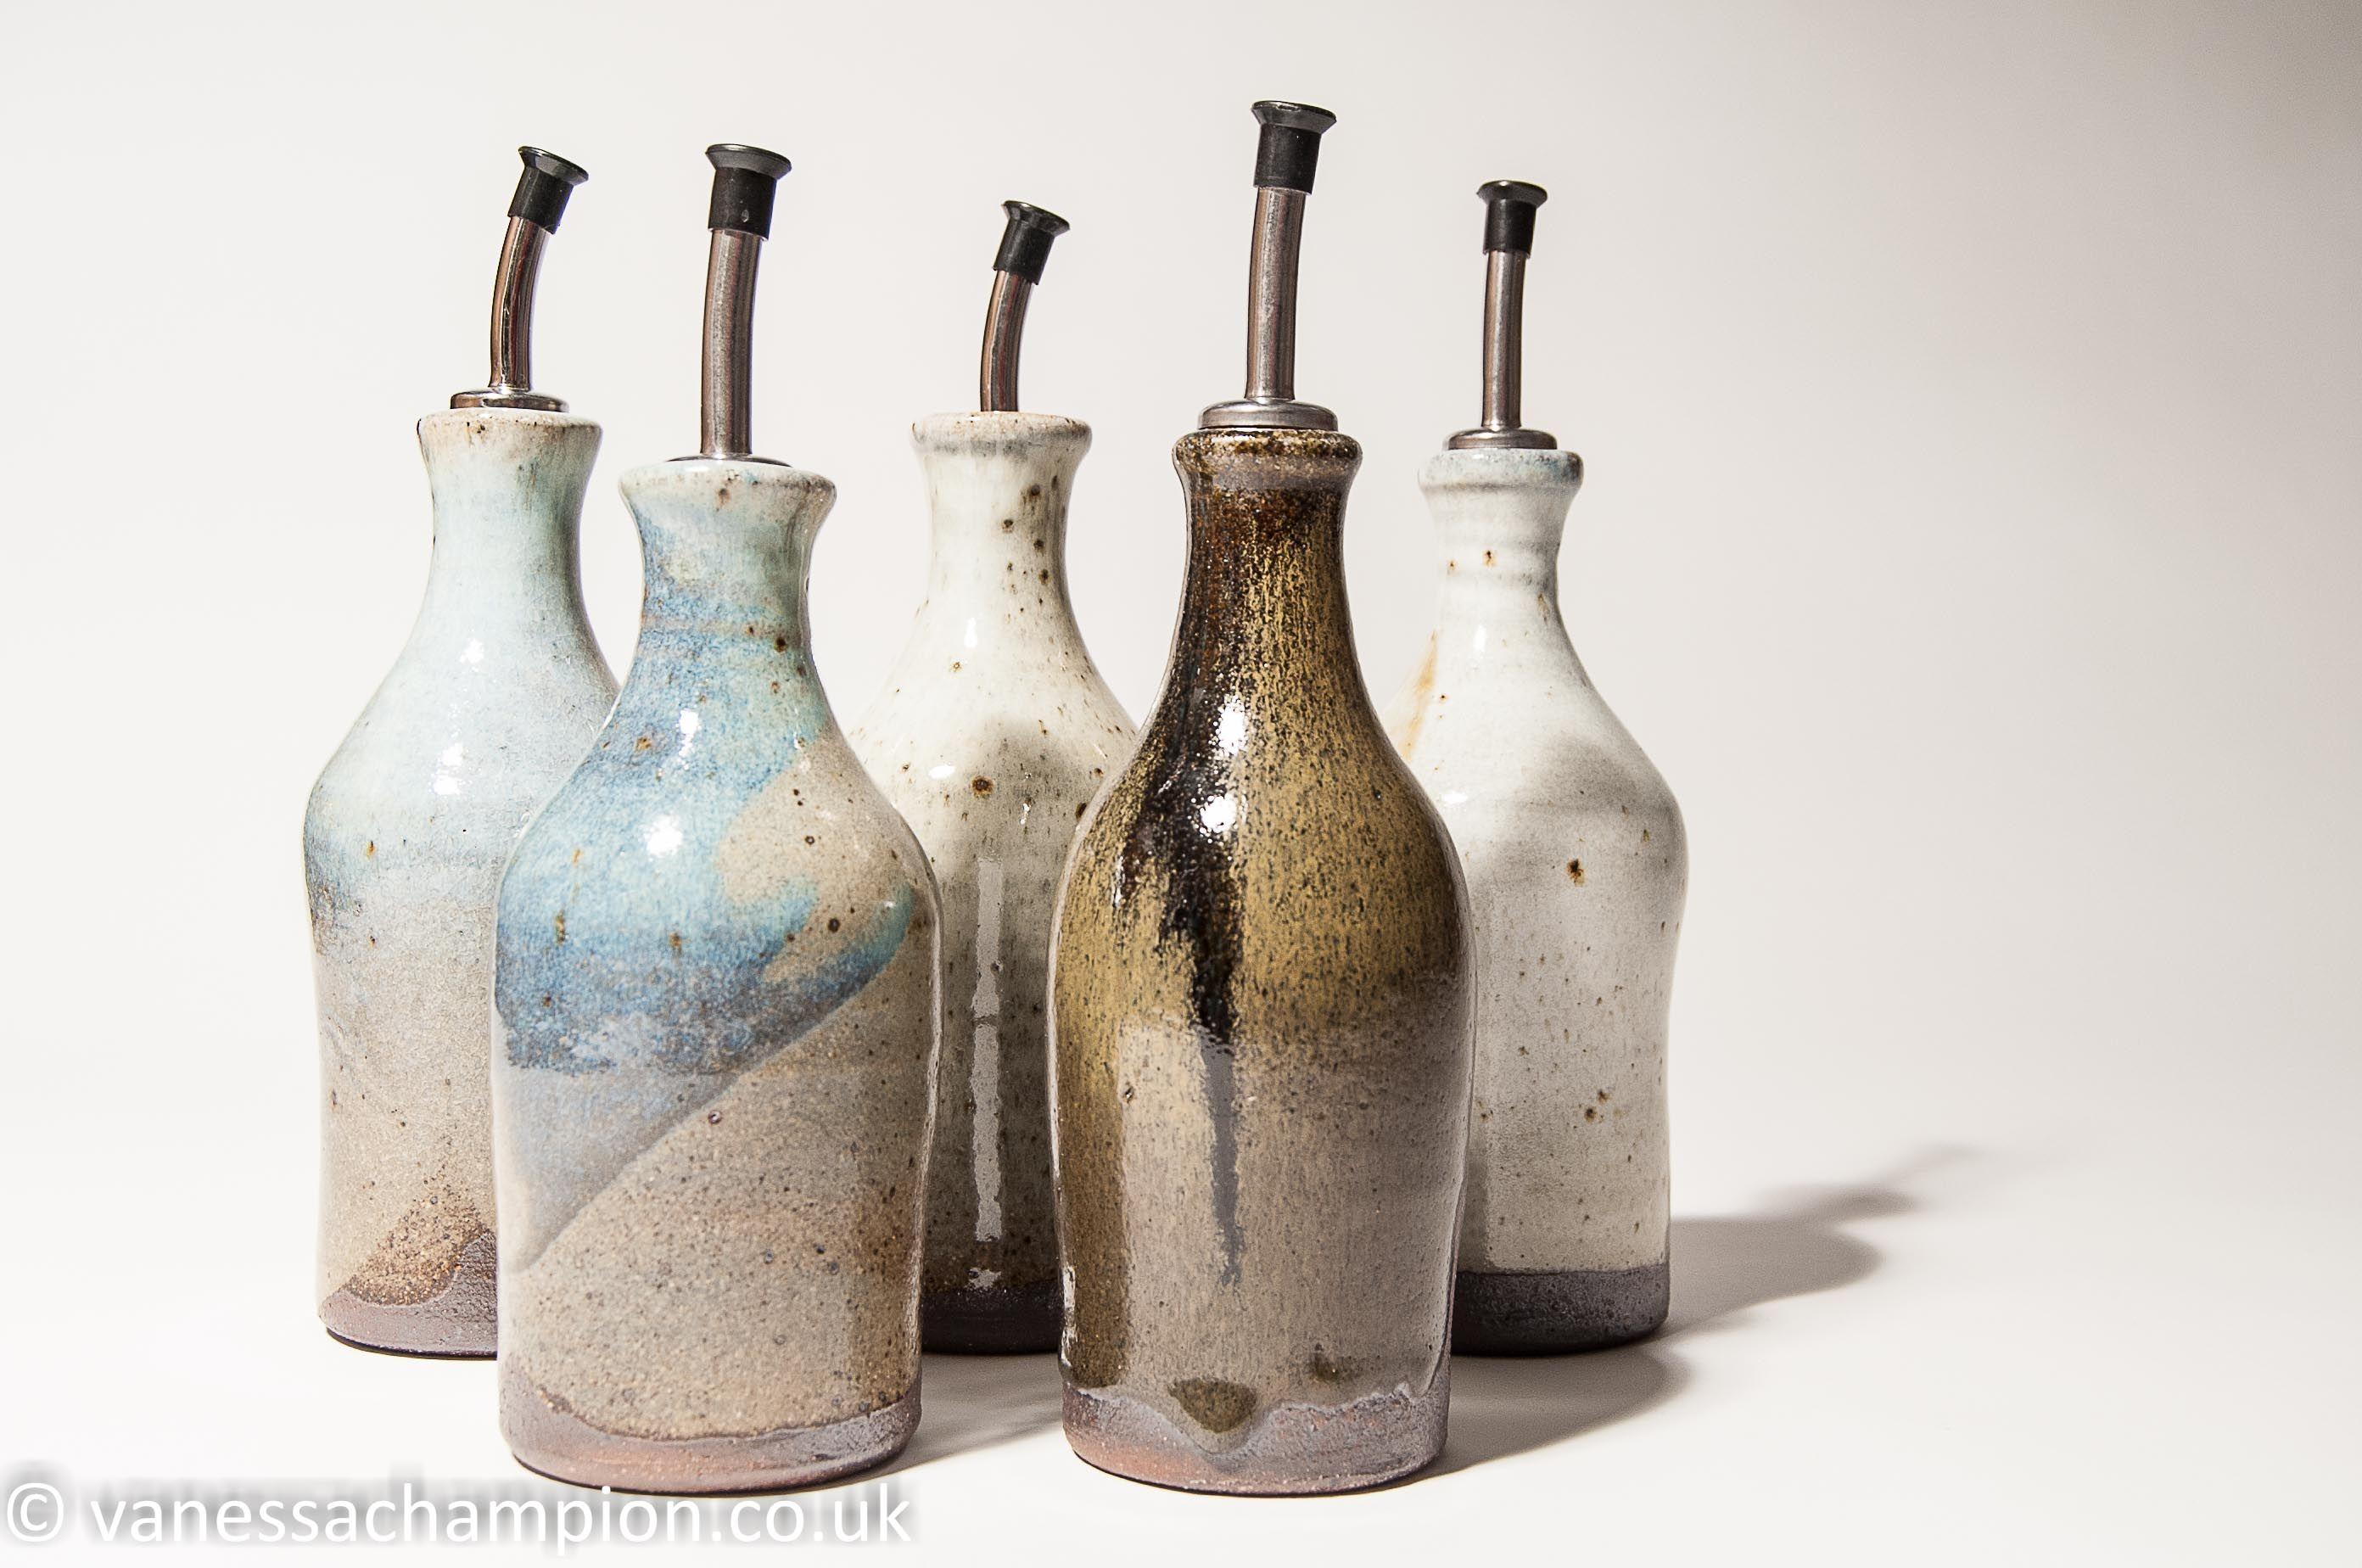 oil Pourer Pottery, Ceramics, Oil bottle